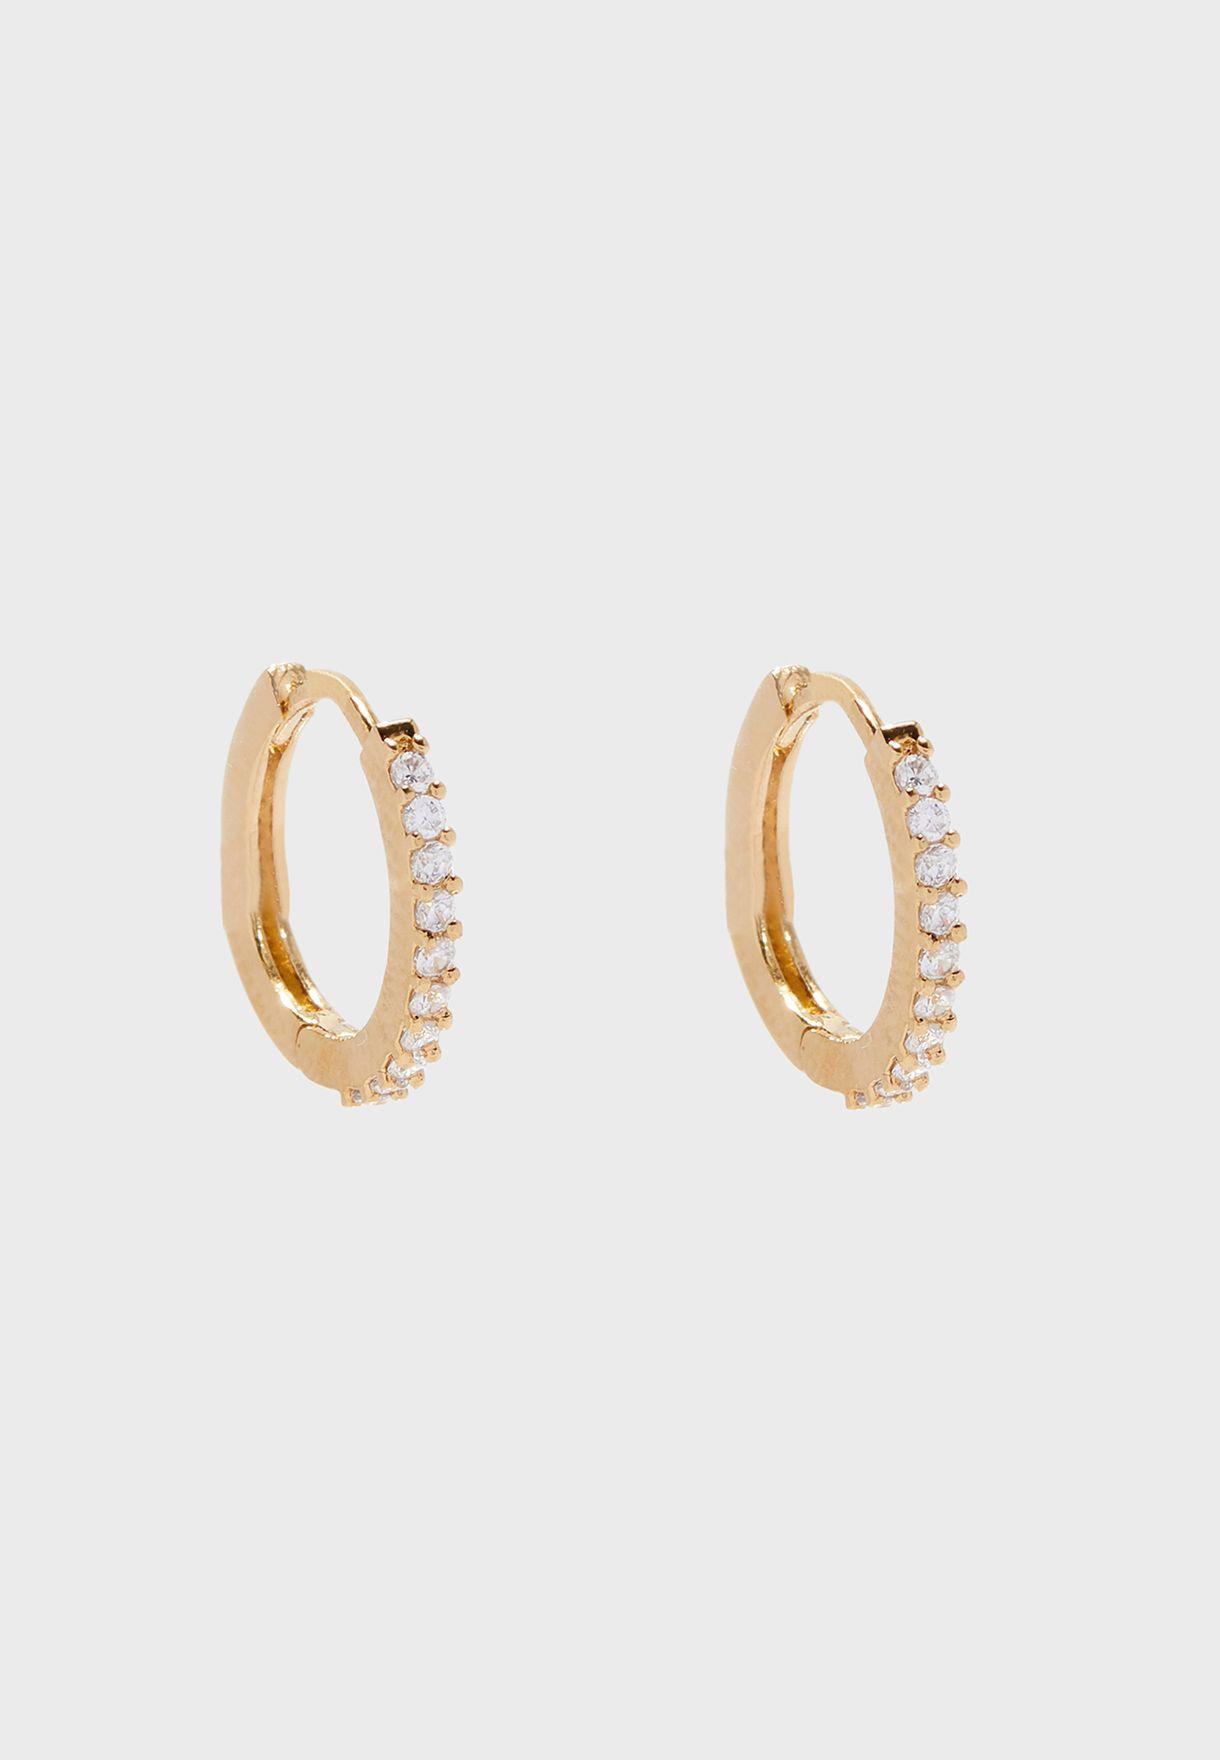 Mini Pave Hoop Earrings